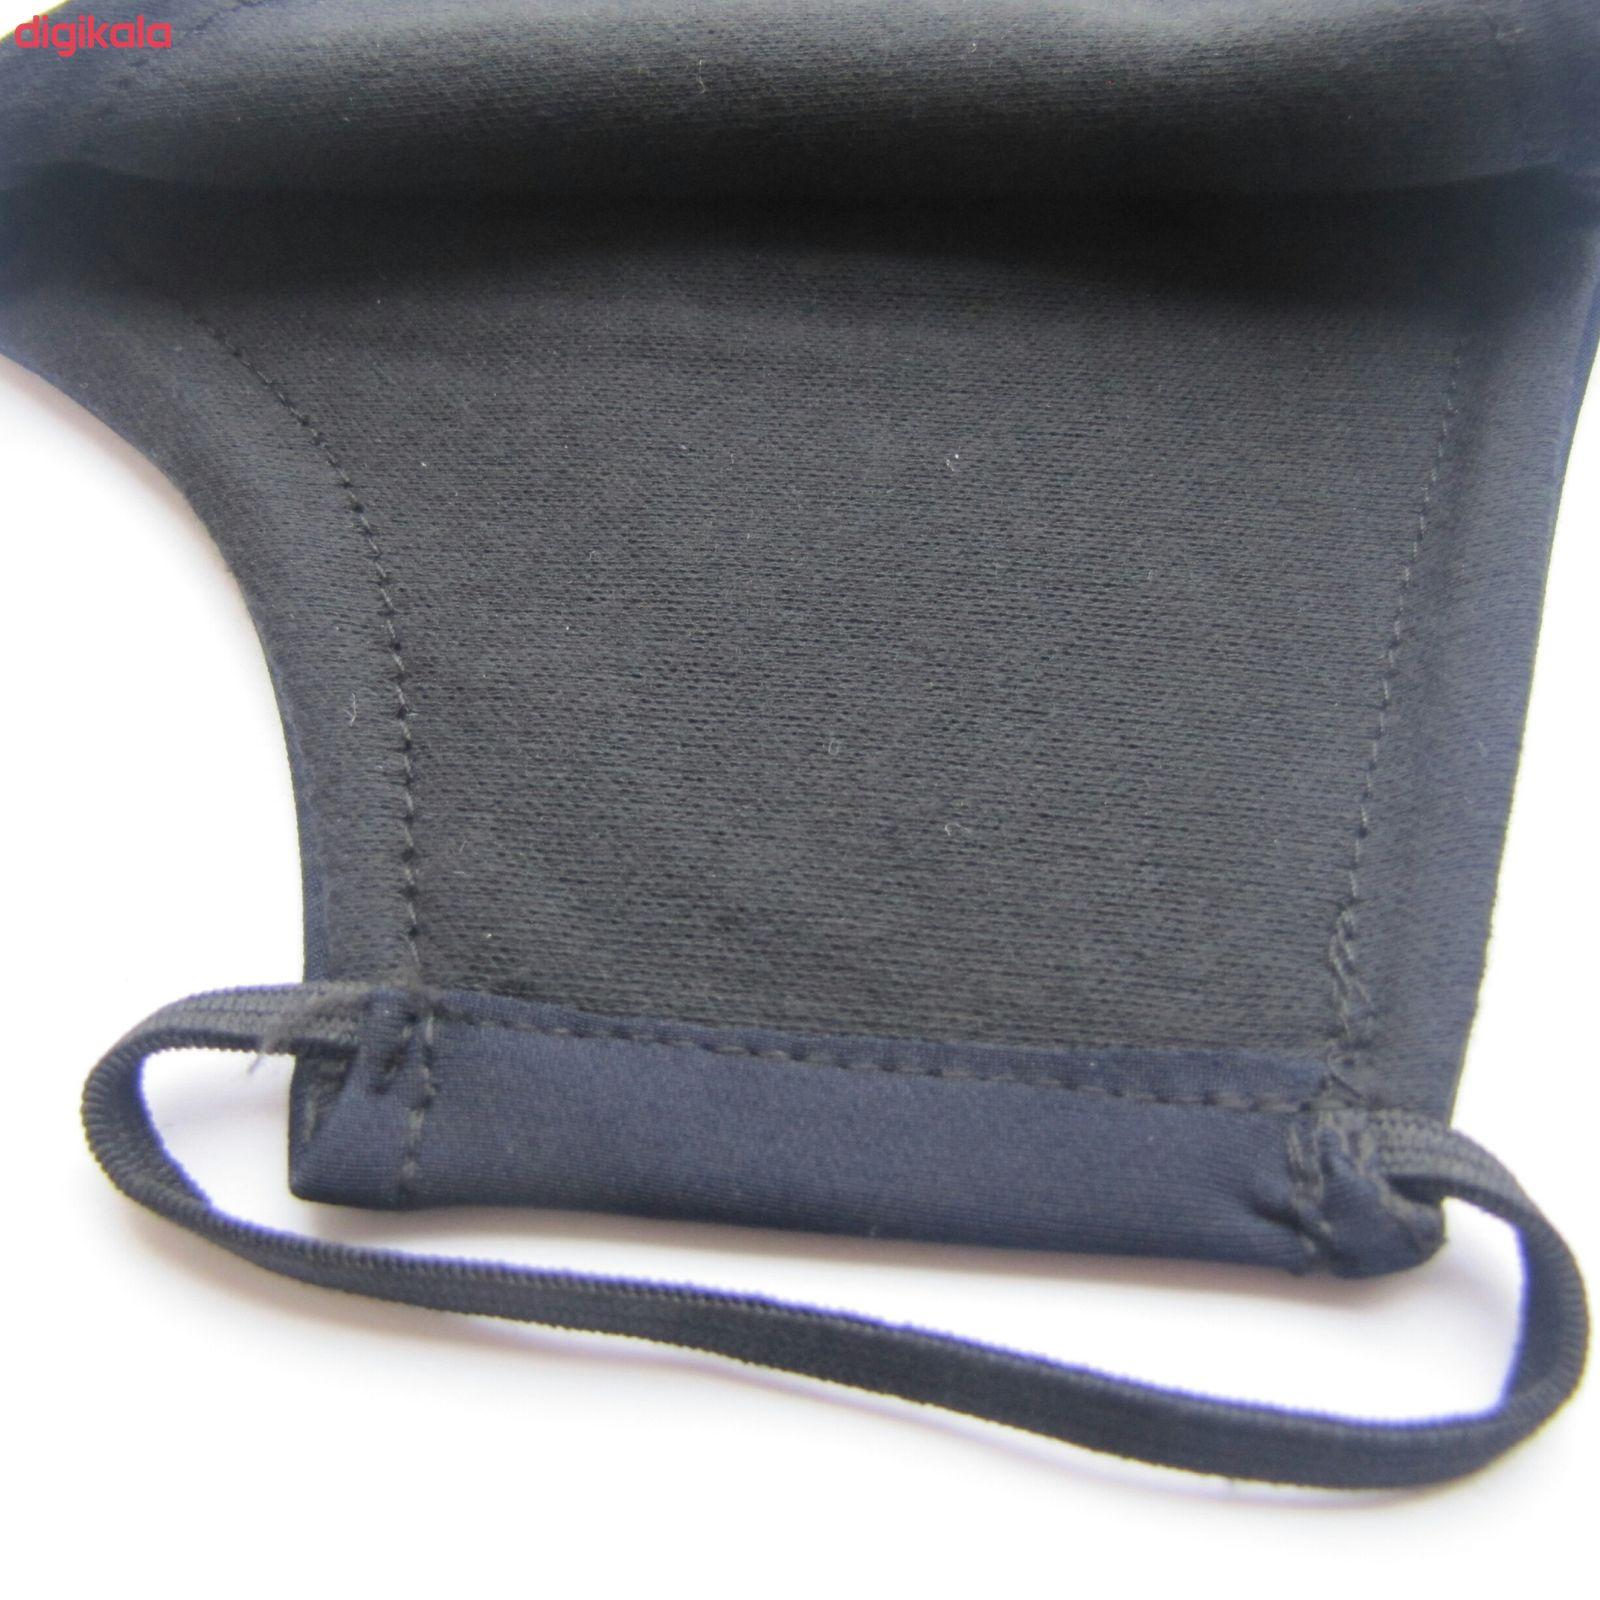 ماسک پارچه ای مدل mgh1 main 1 13